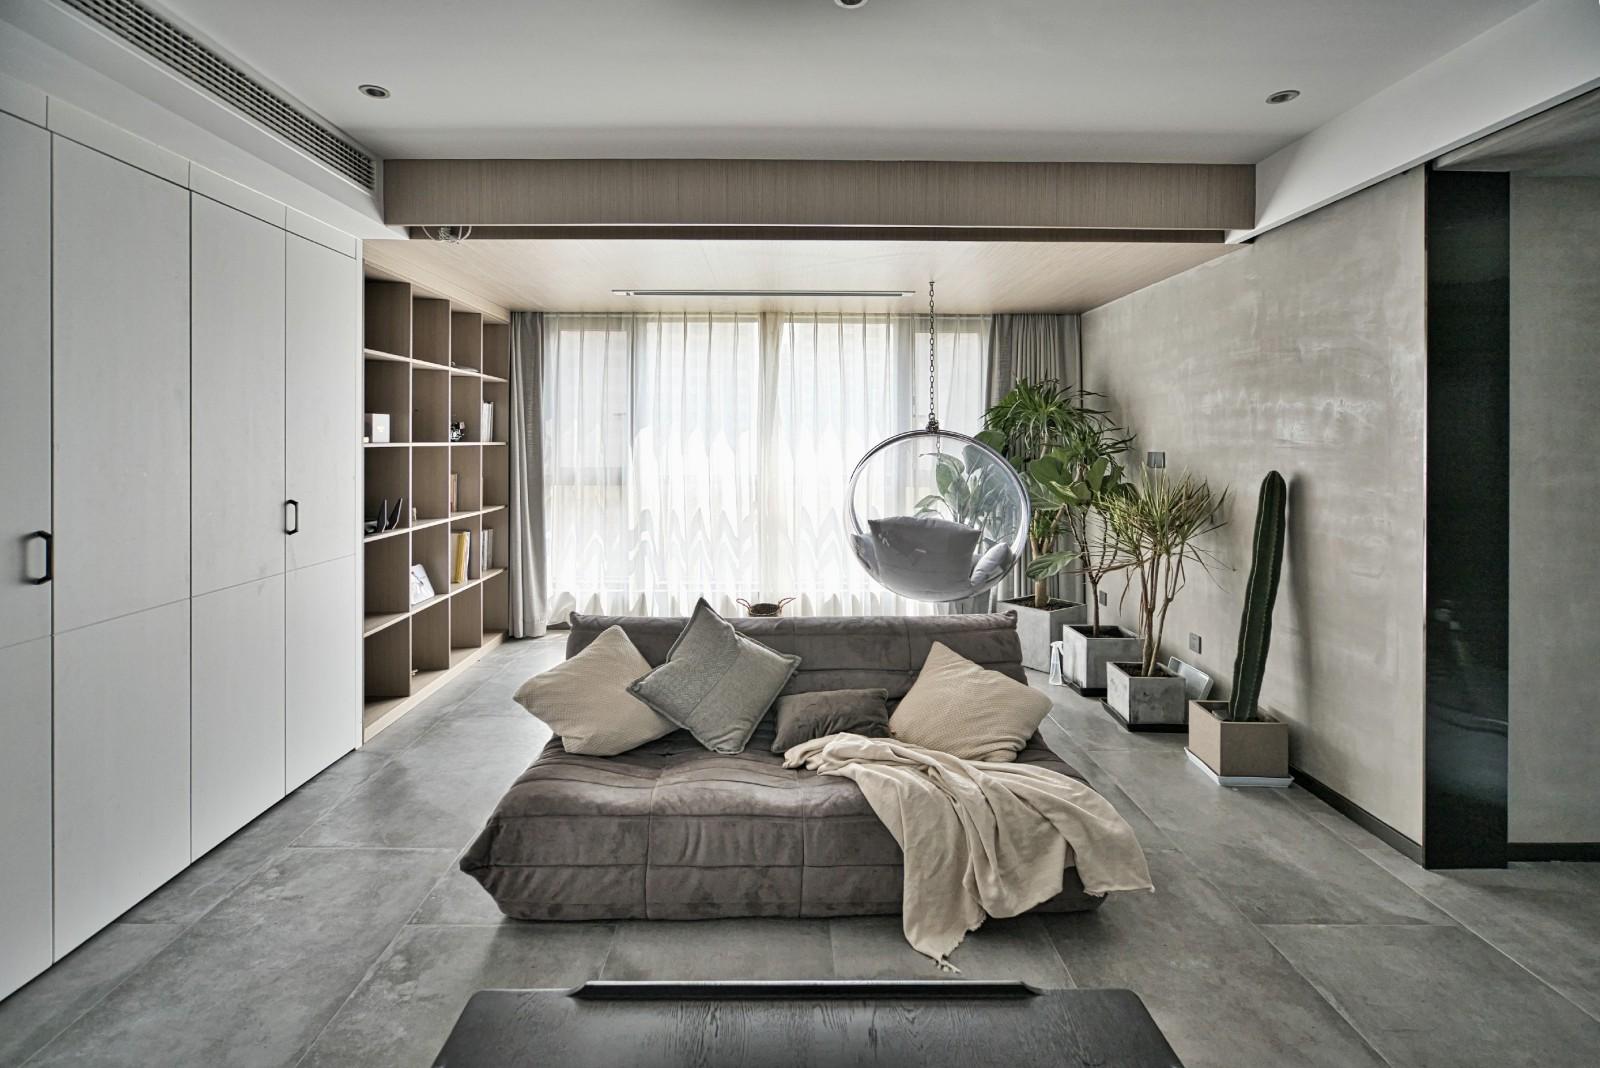 水泥灰极简风,像极了一个纯净而有趣的灵魂客厅潮流混搭客厅设计图片赏析